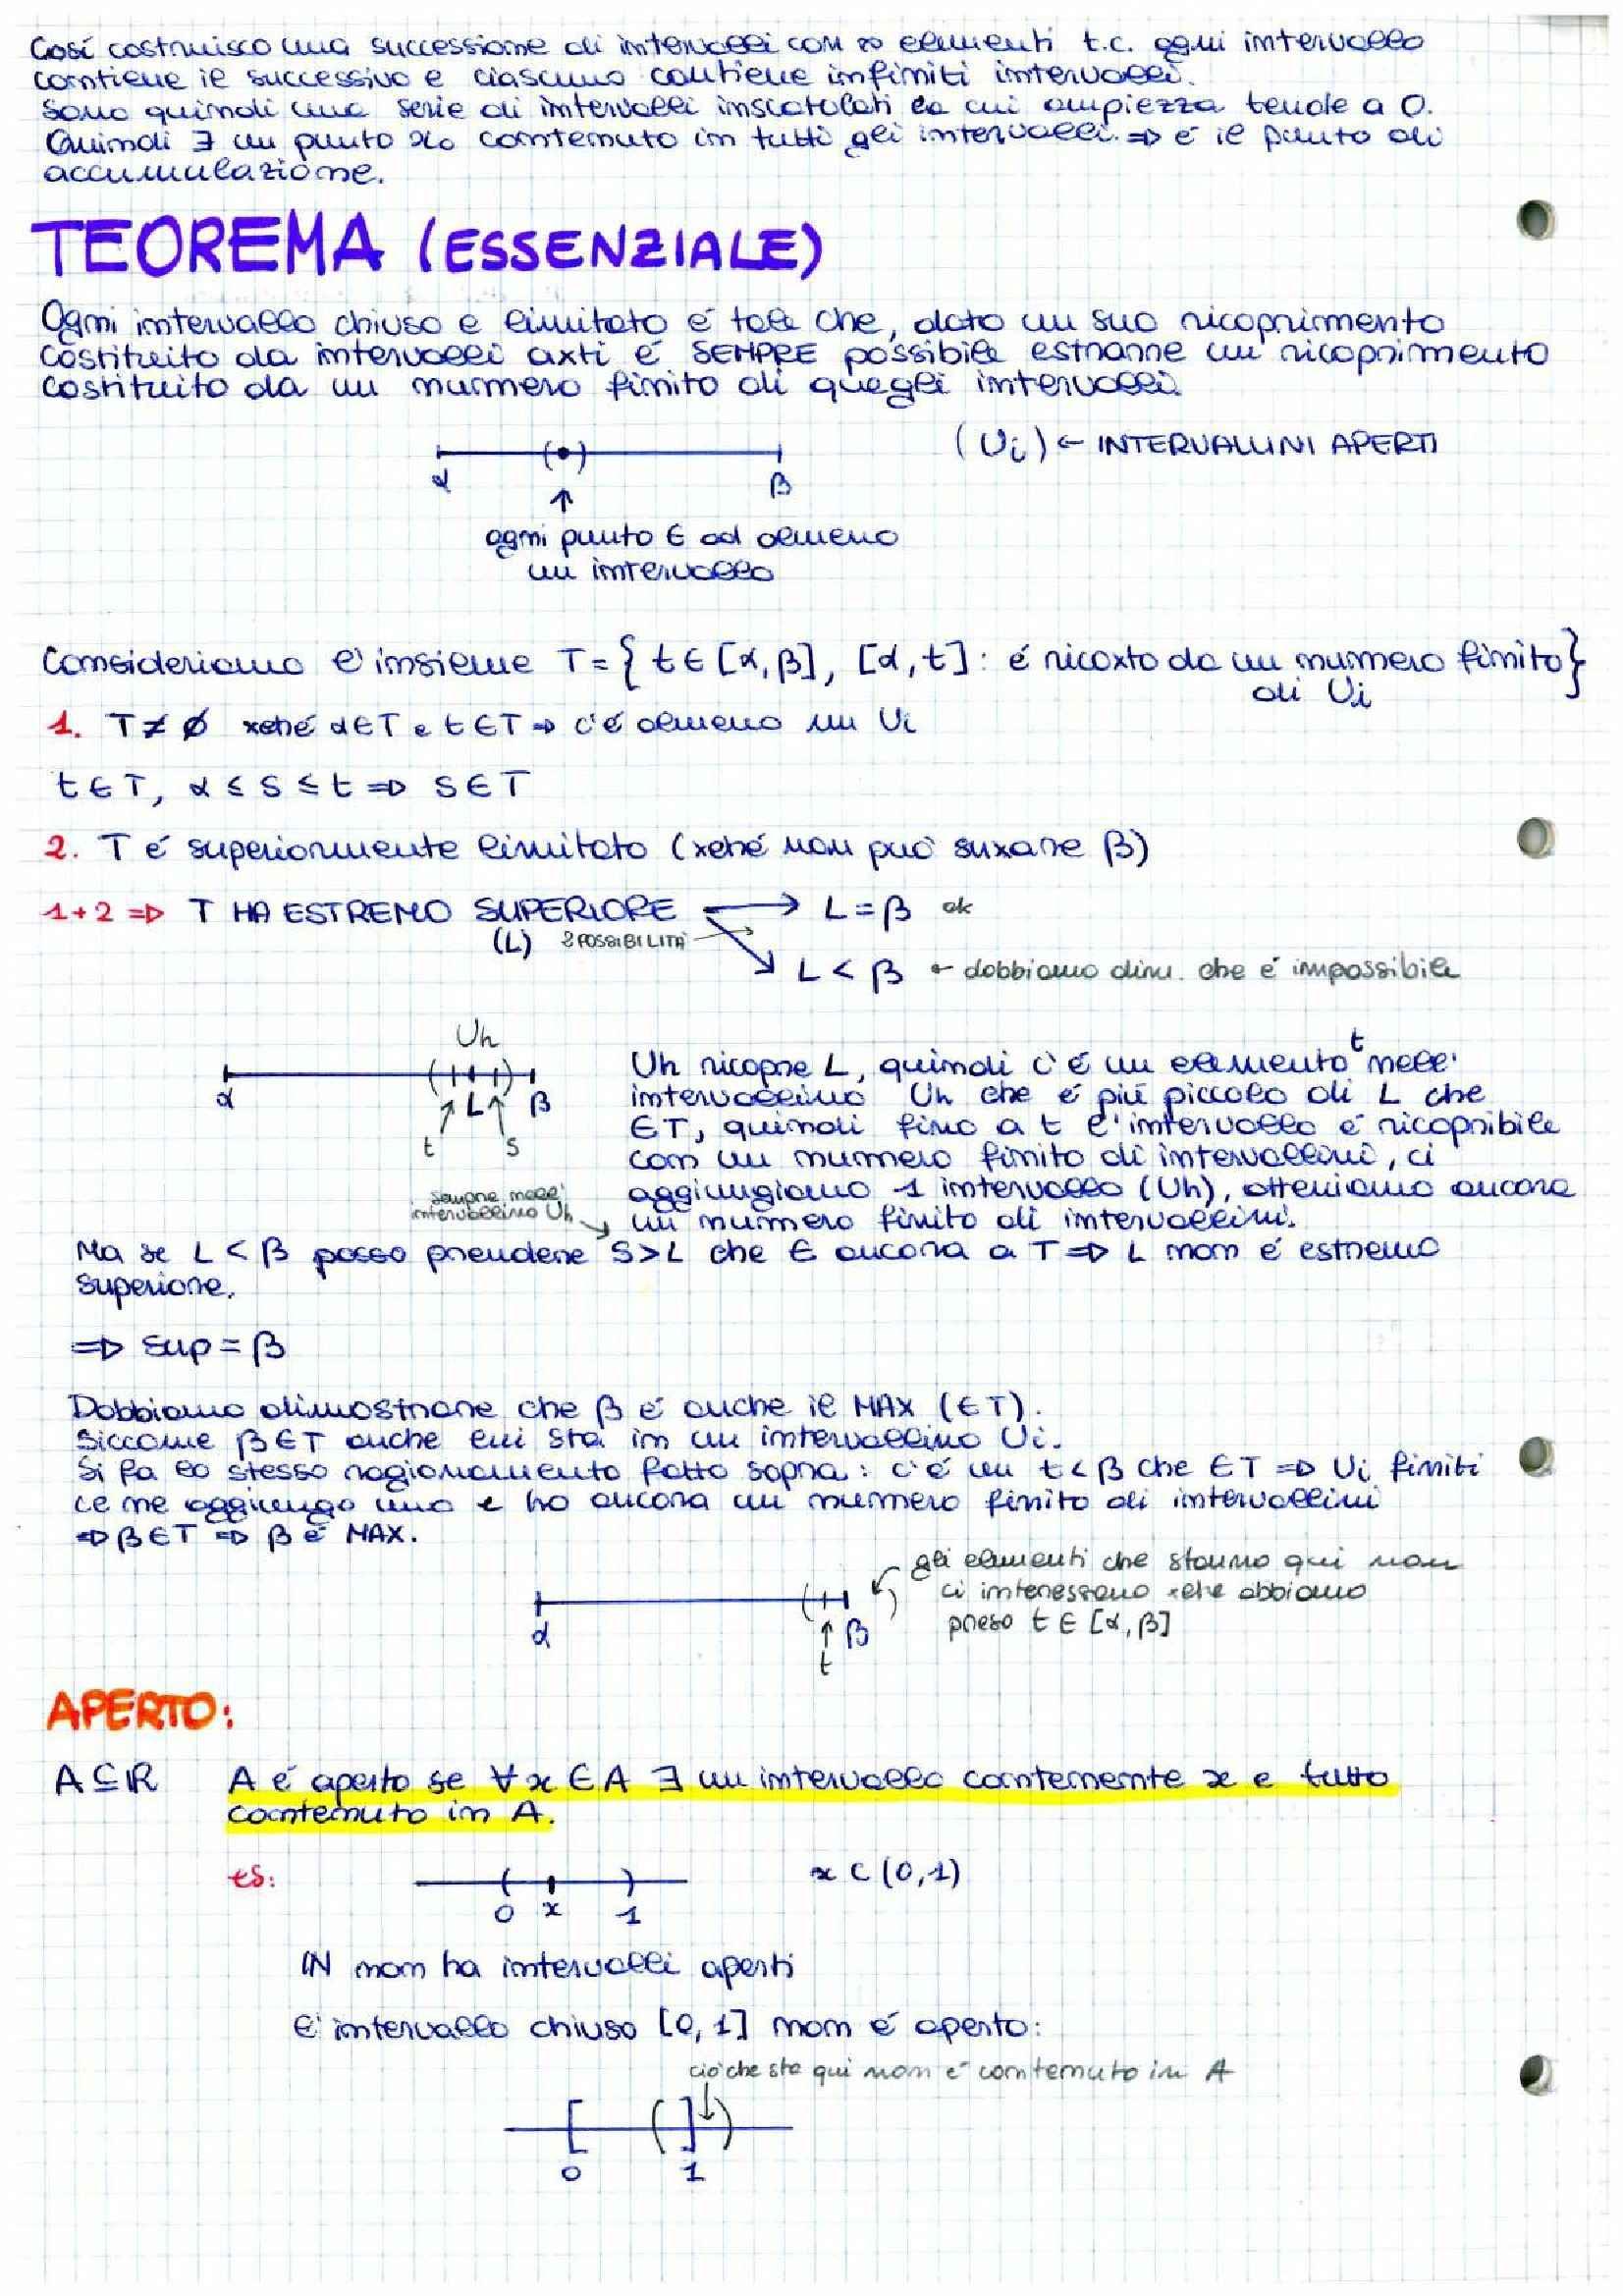 Analisi matematica 1 - Appunti a mano Pag. 16